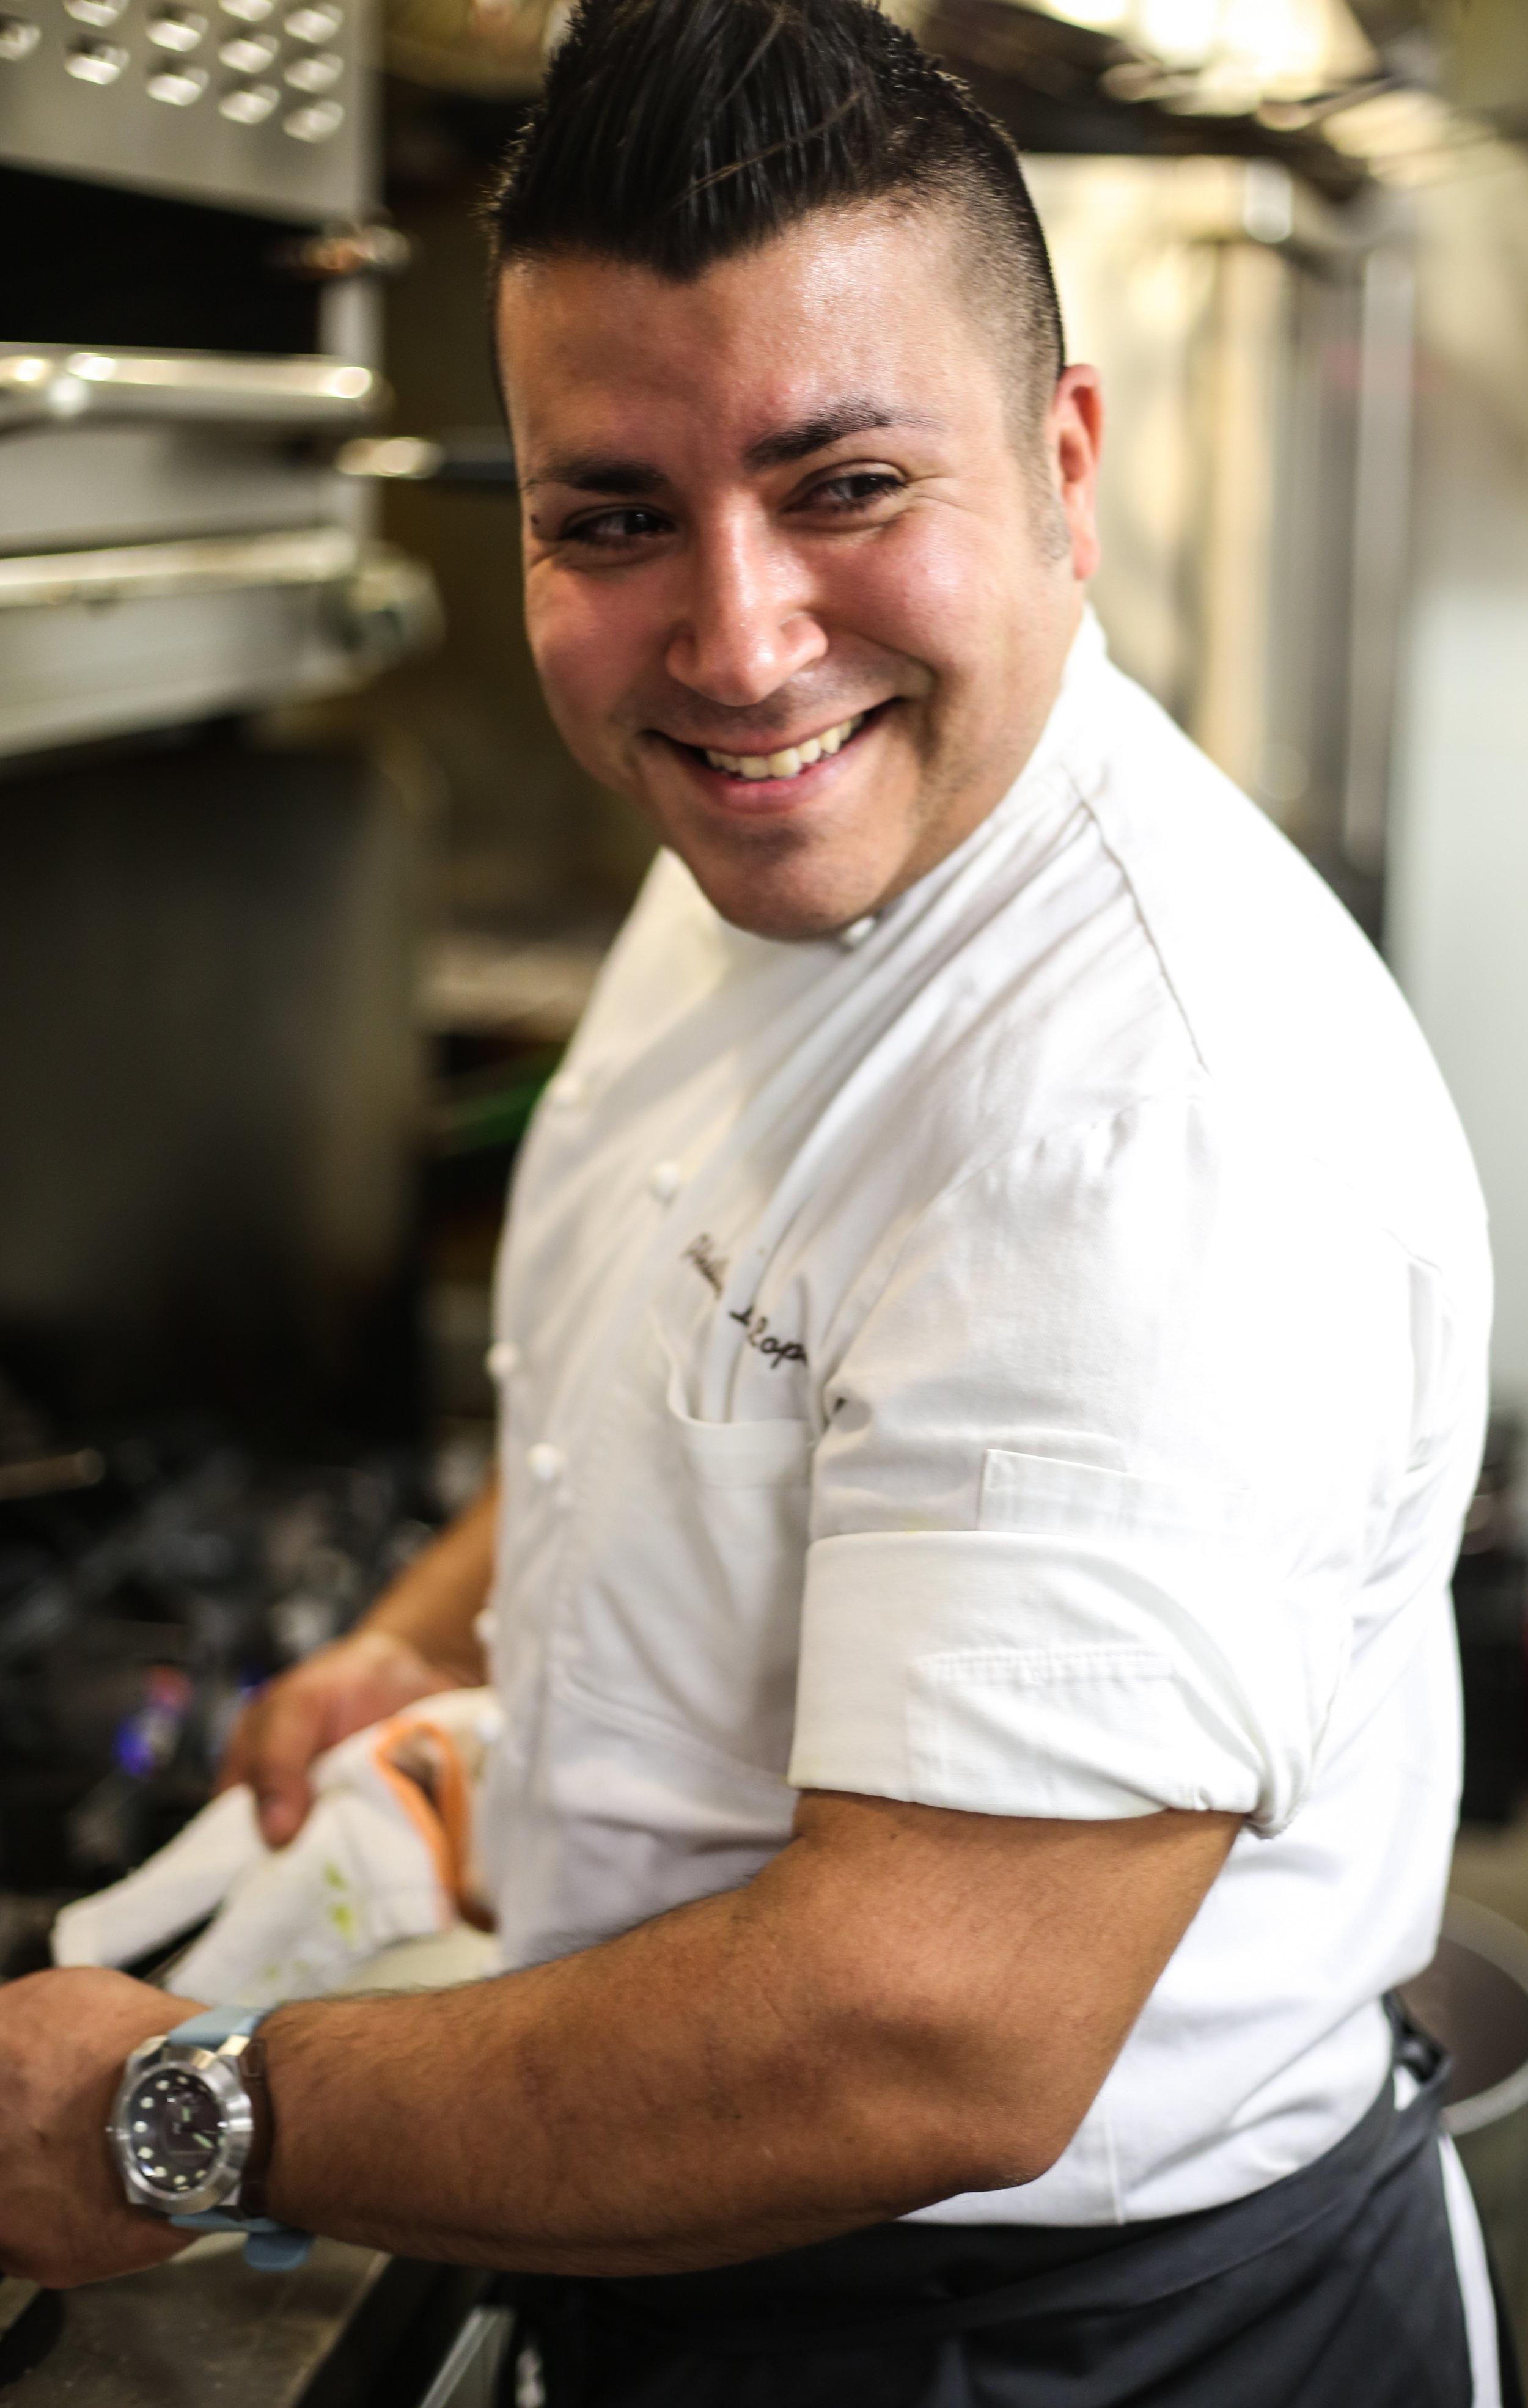 Chef_PhillipLopez-3.jpg